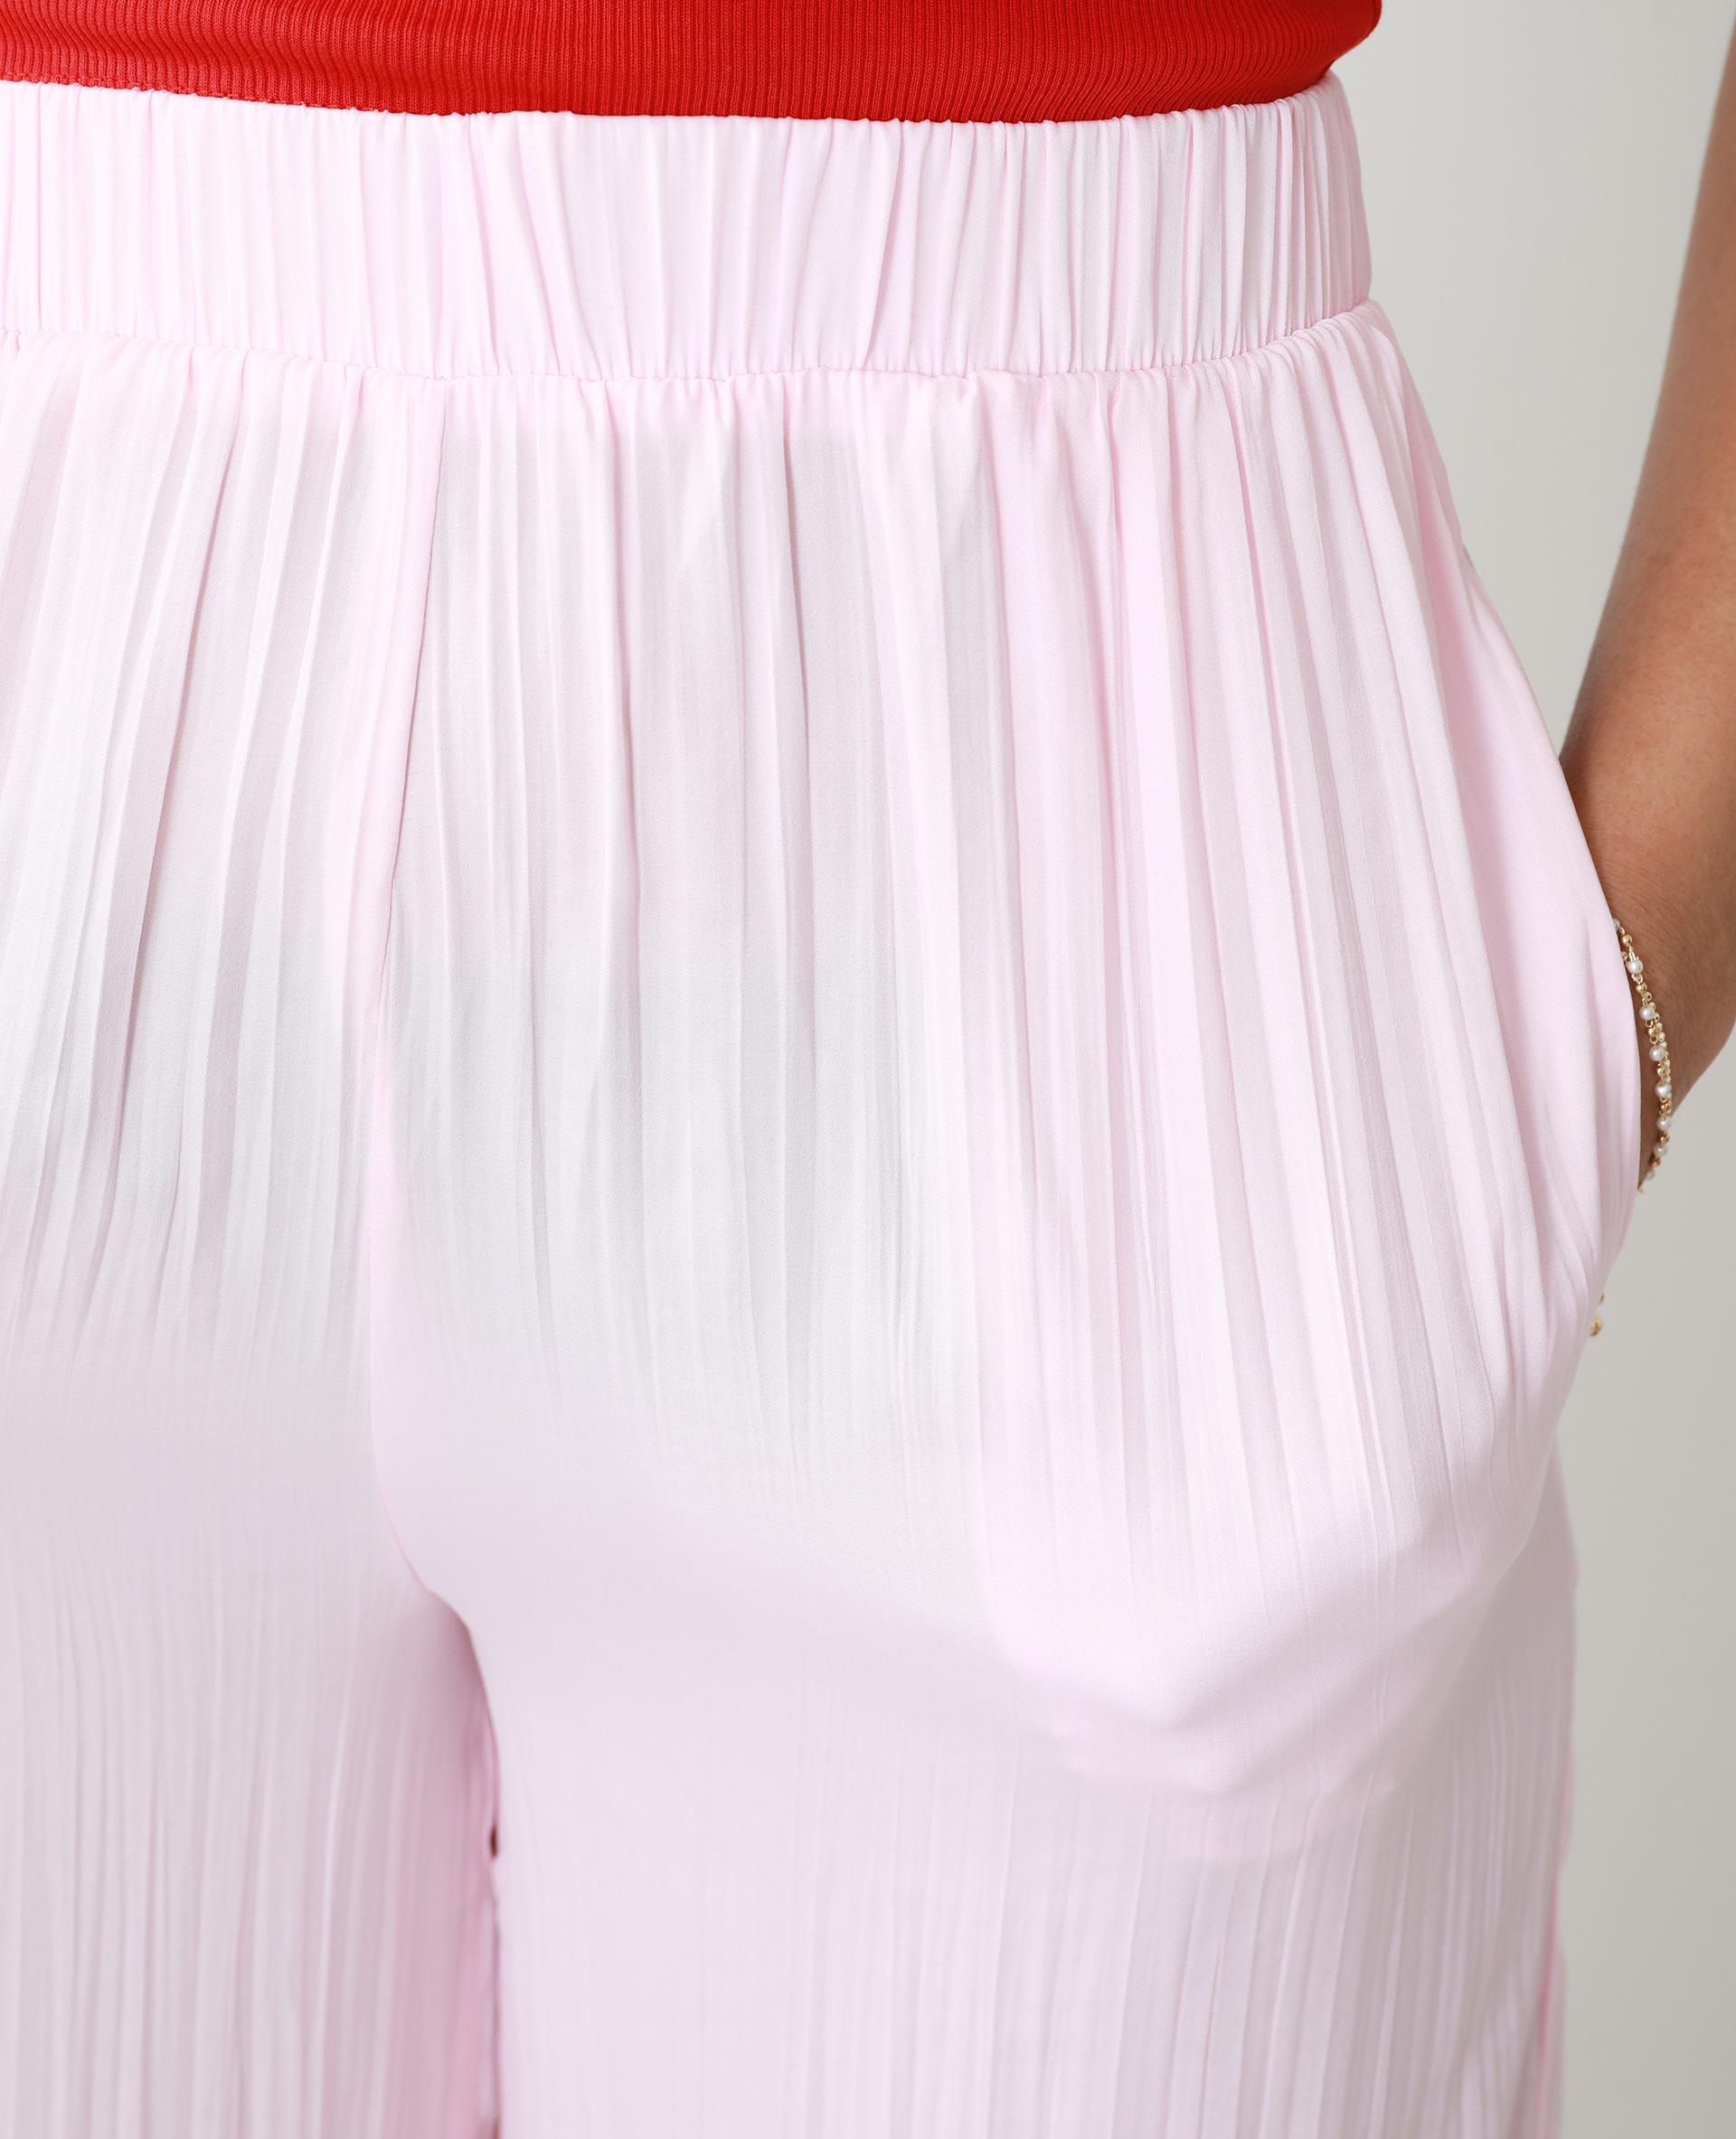 Pantalon wide leg plissé rose - Pimkie